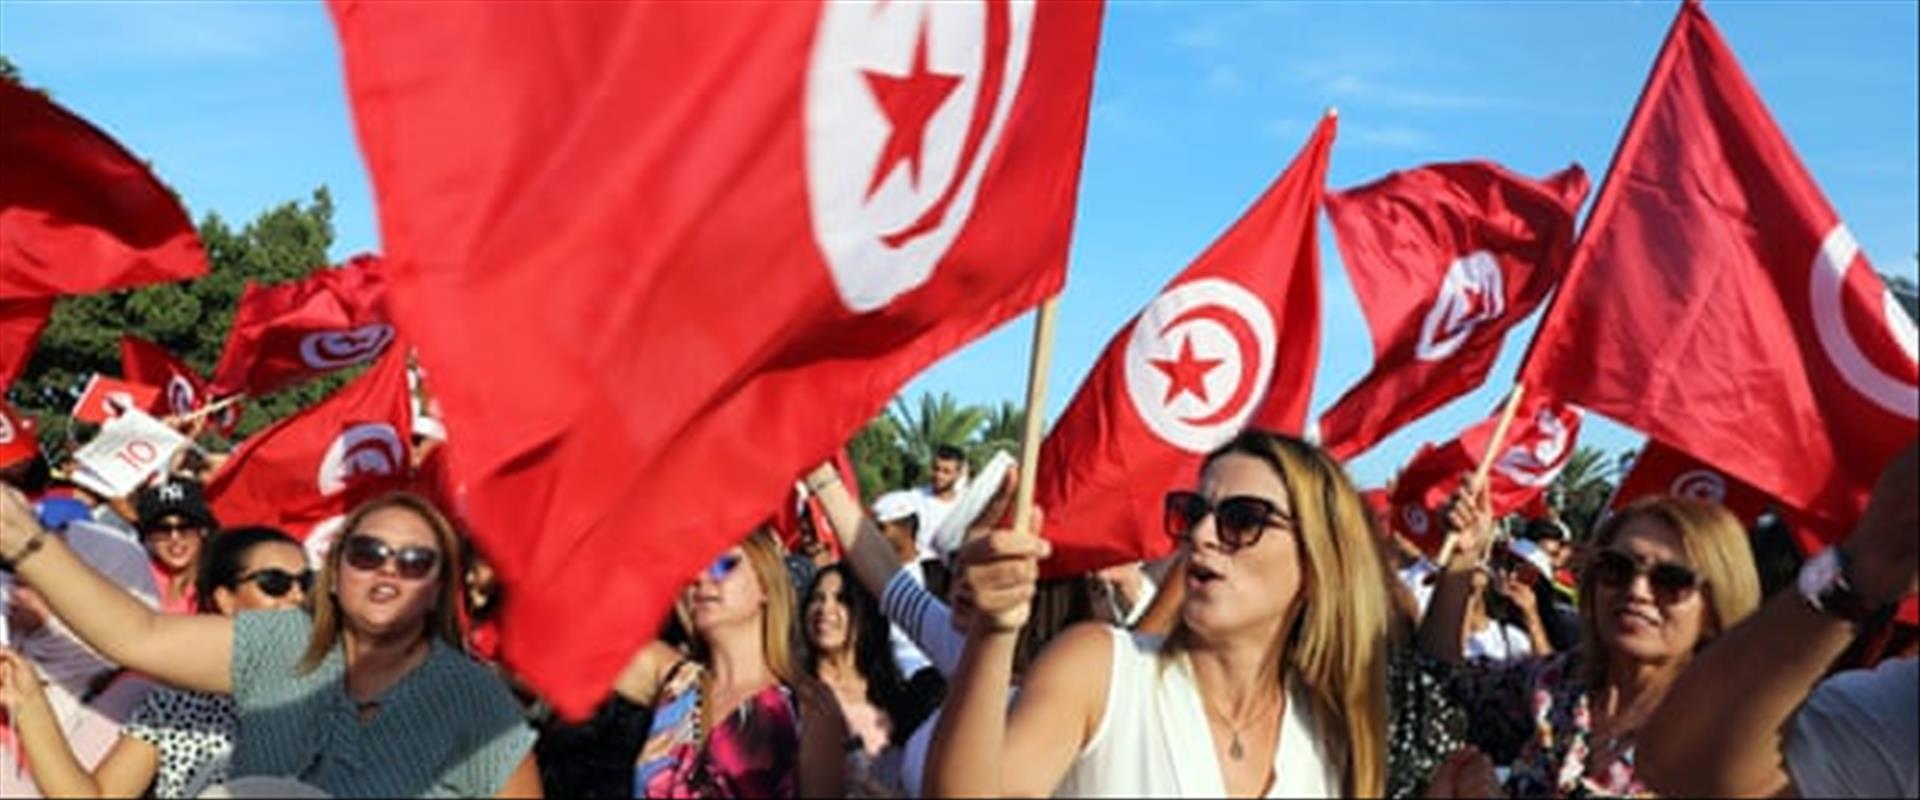 בחירות בתוניסיה